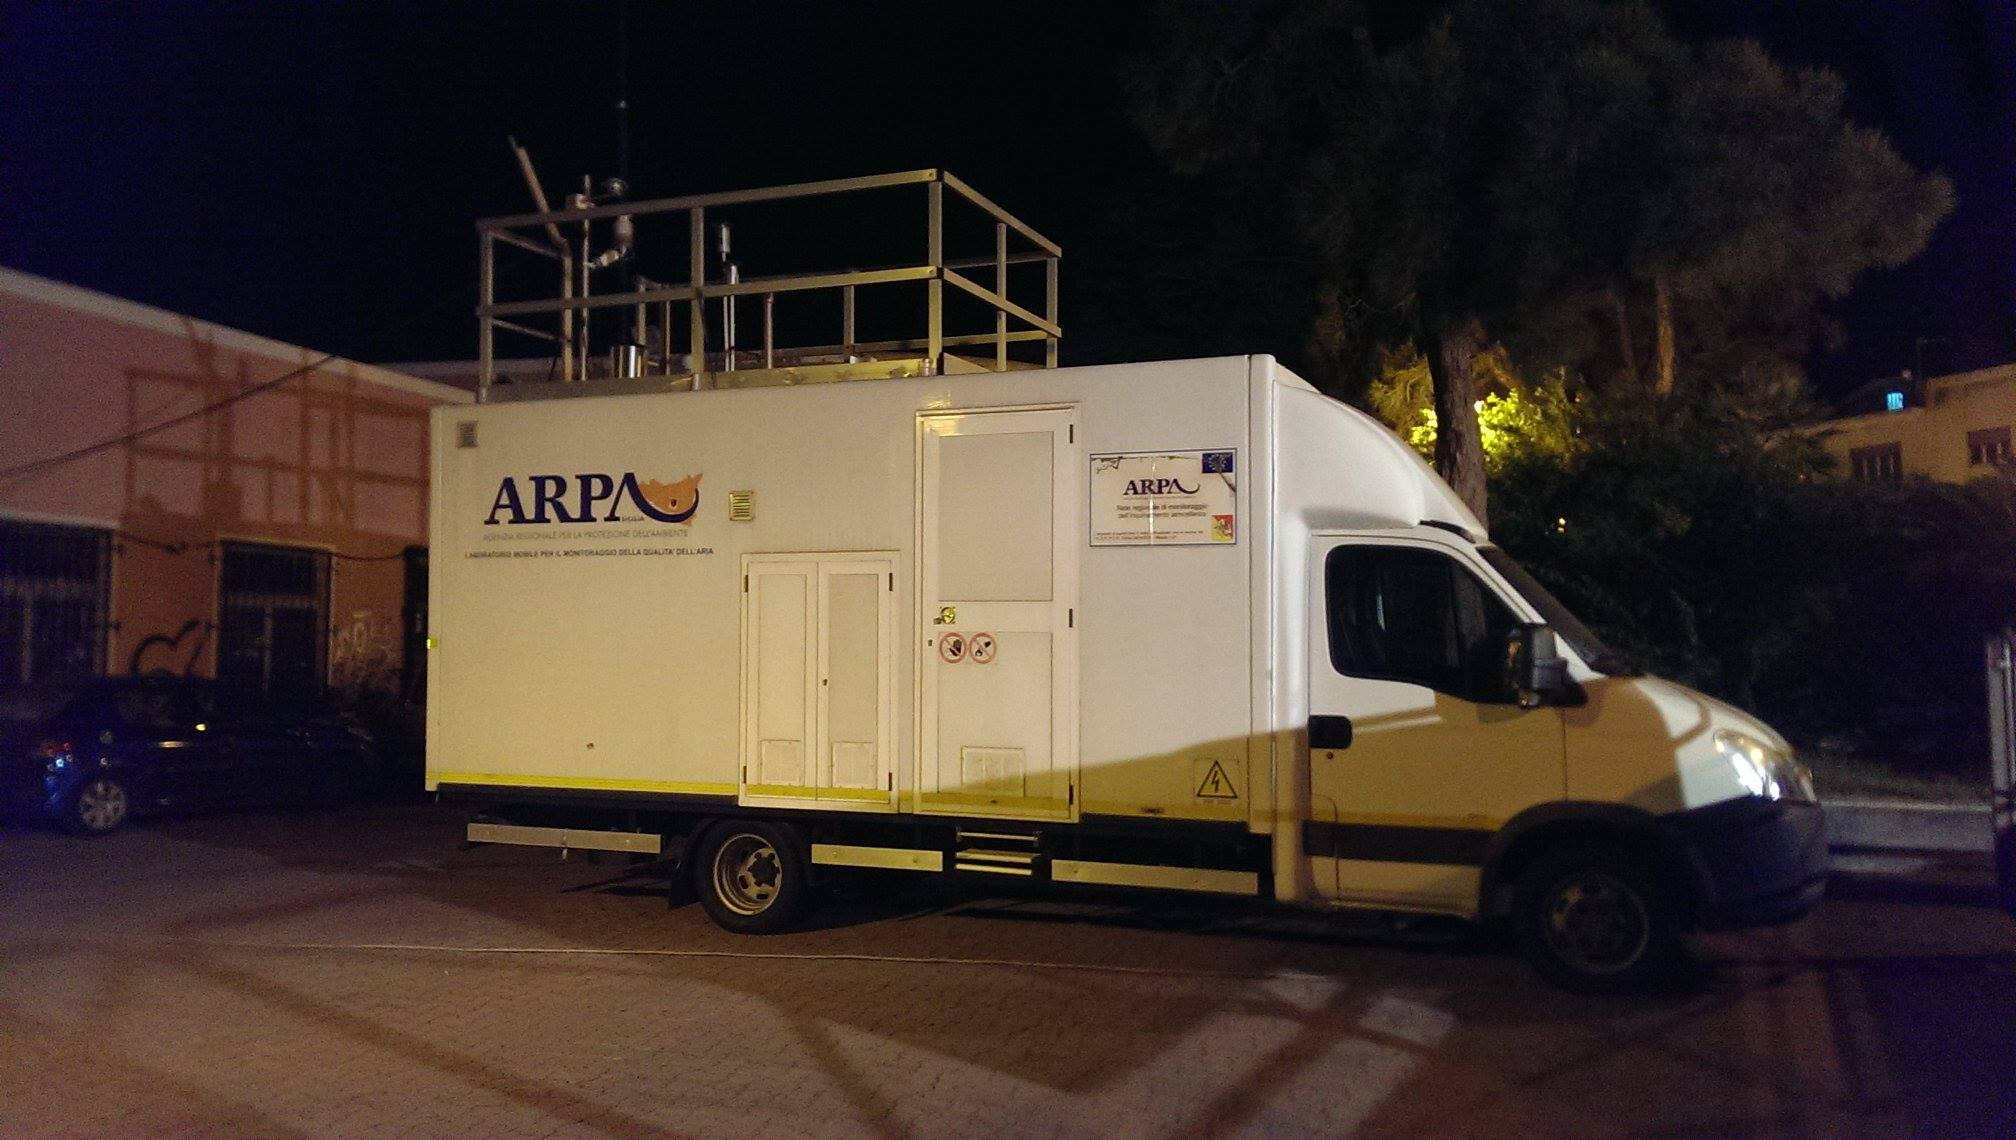 ... 'aria, un laboratorio mobile dell'Arpa per Milazzo - Oggi Milazzo